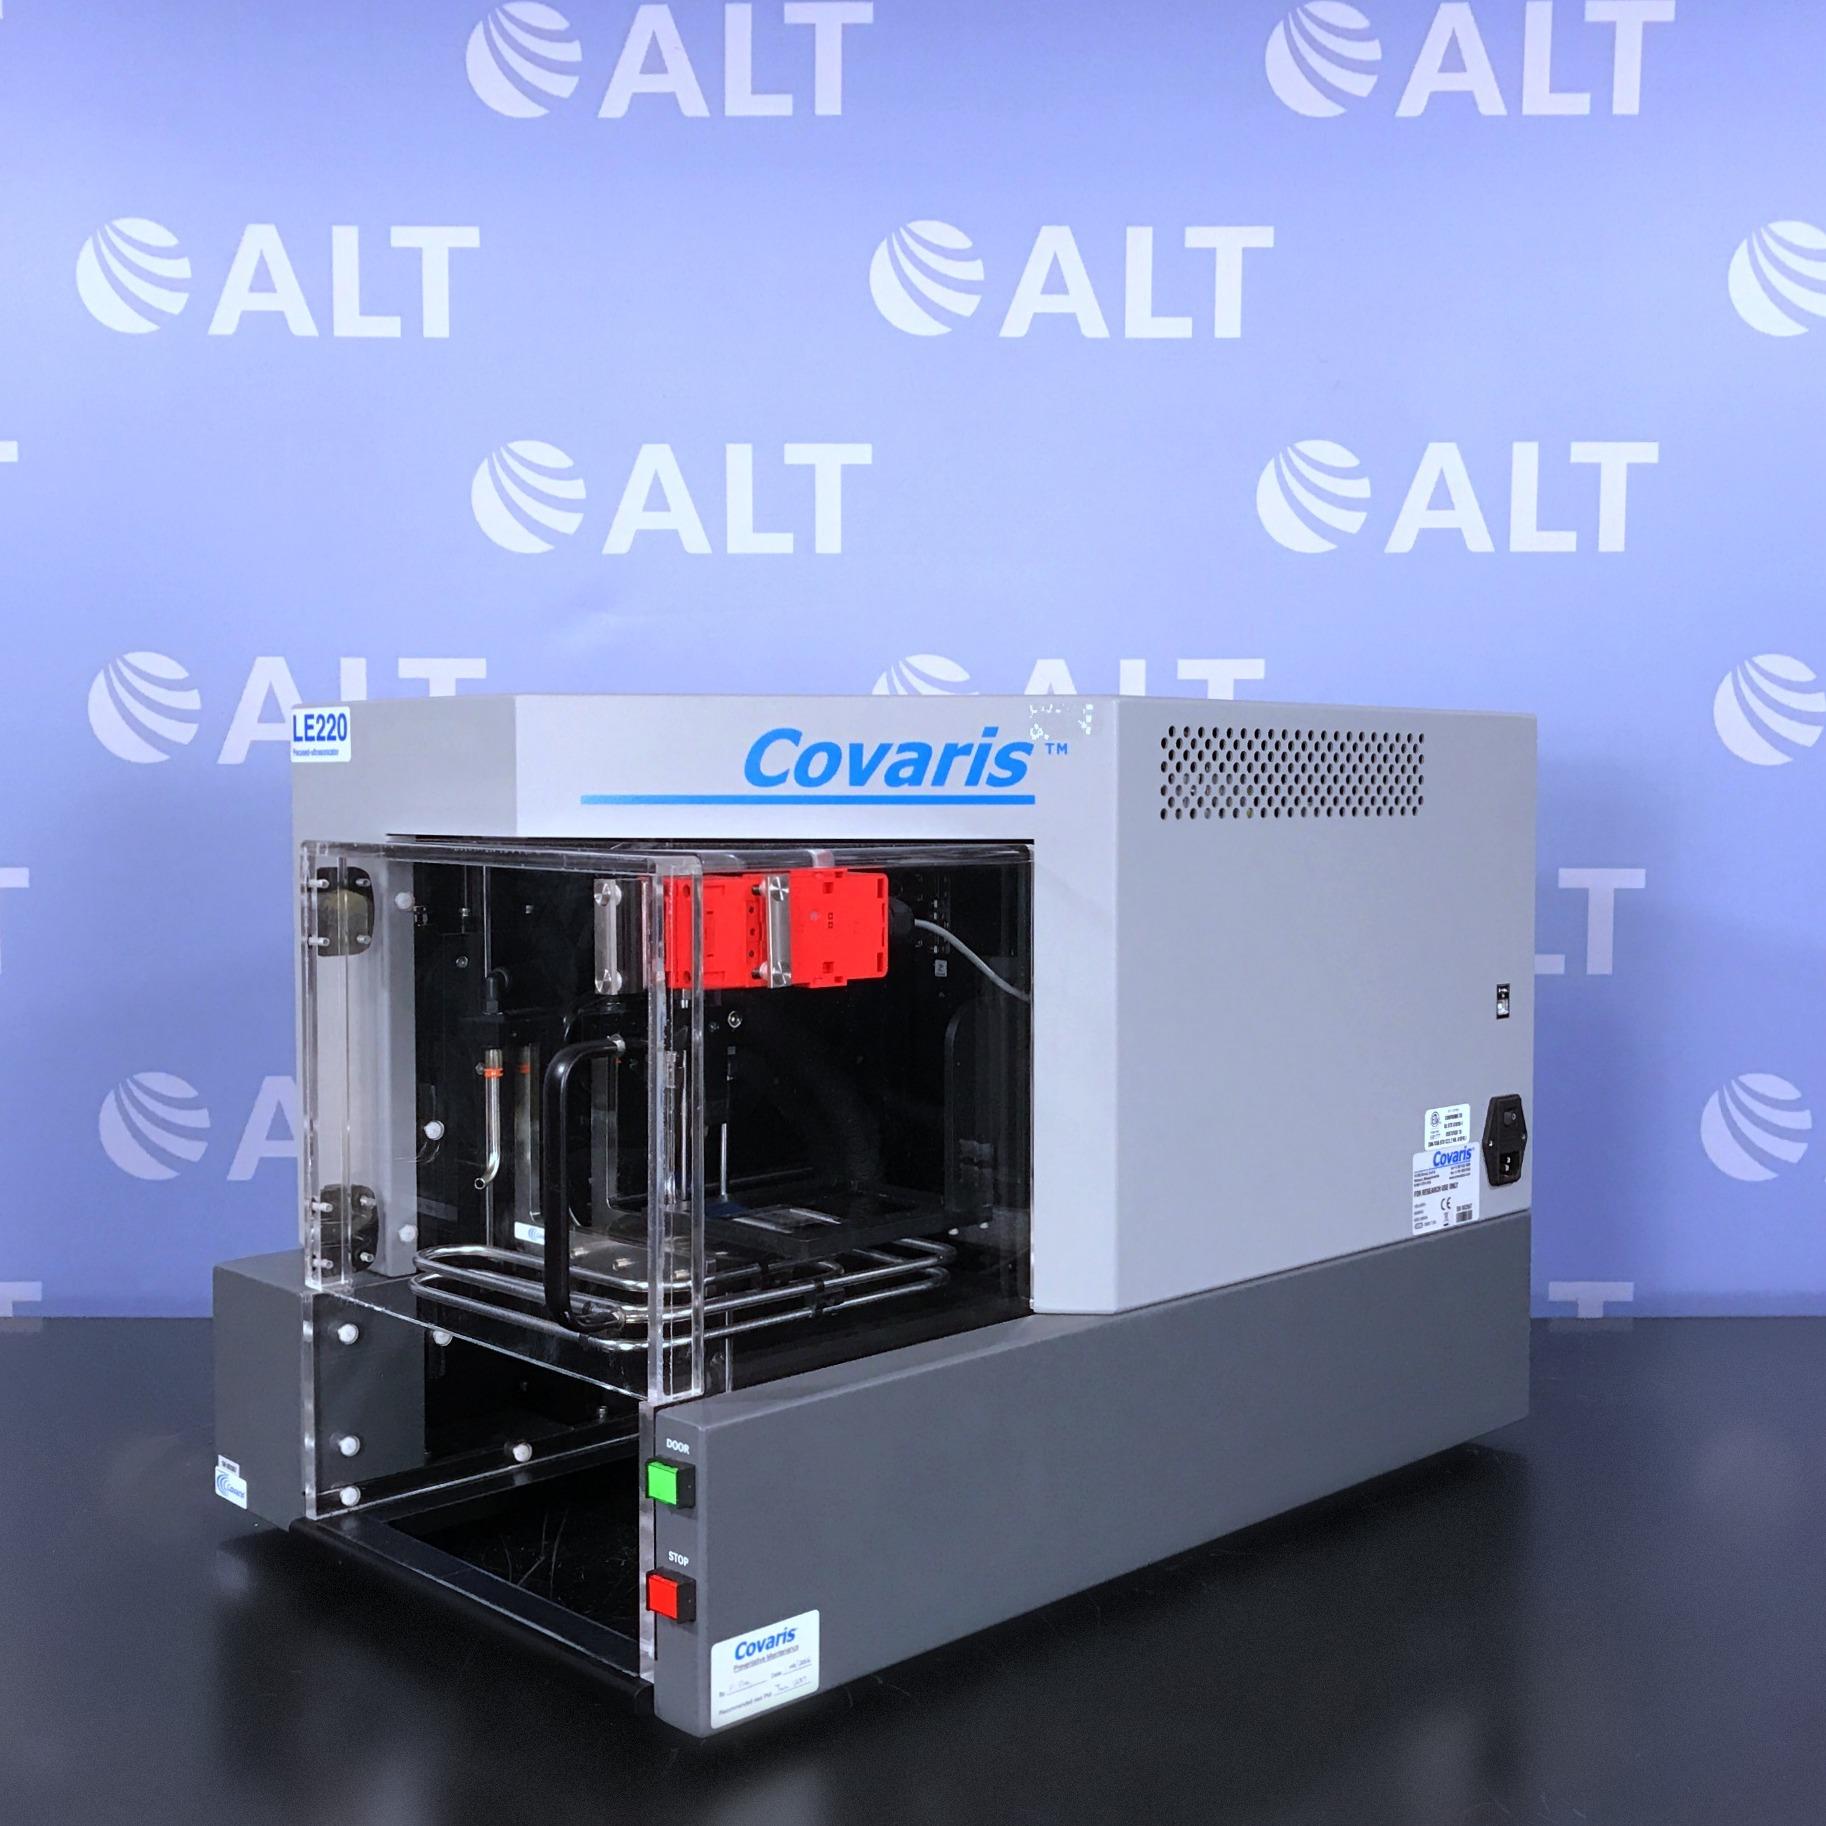 Covaris, Inc. LE220 Focused Ultrasonicator System Image